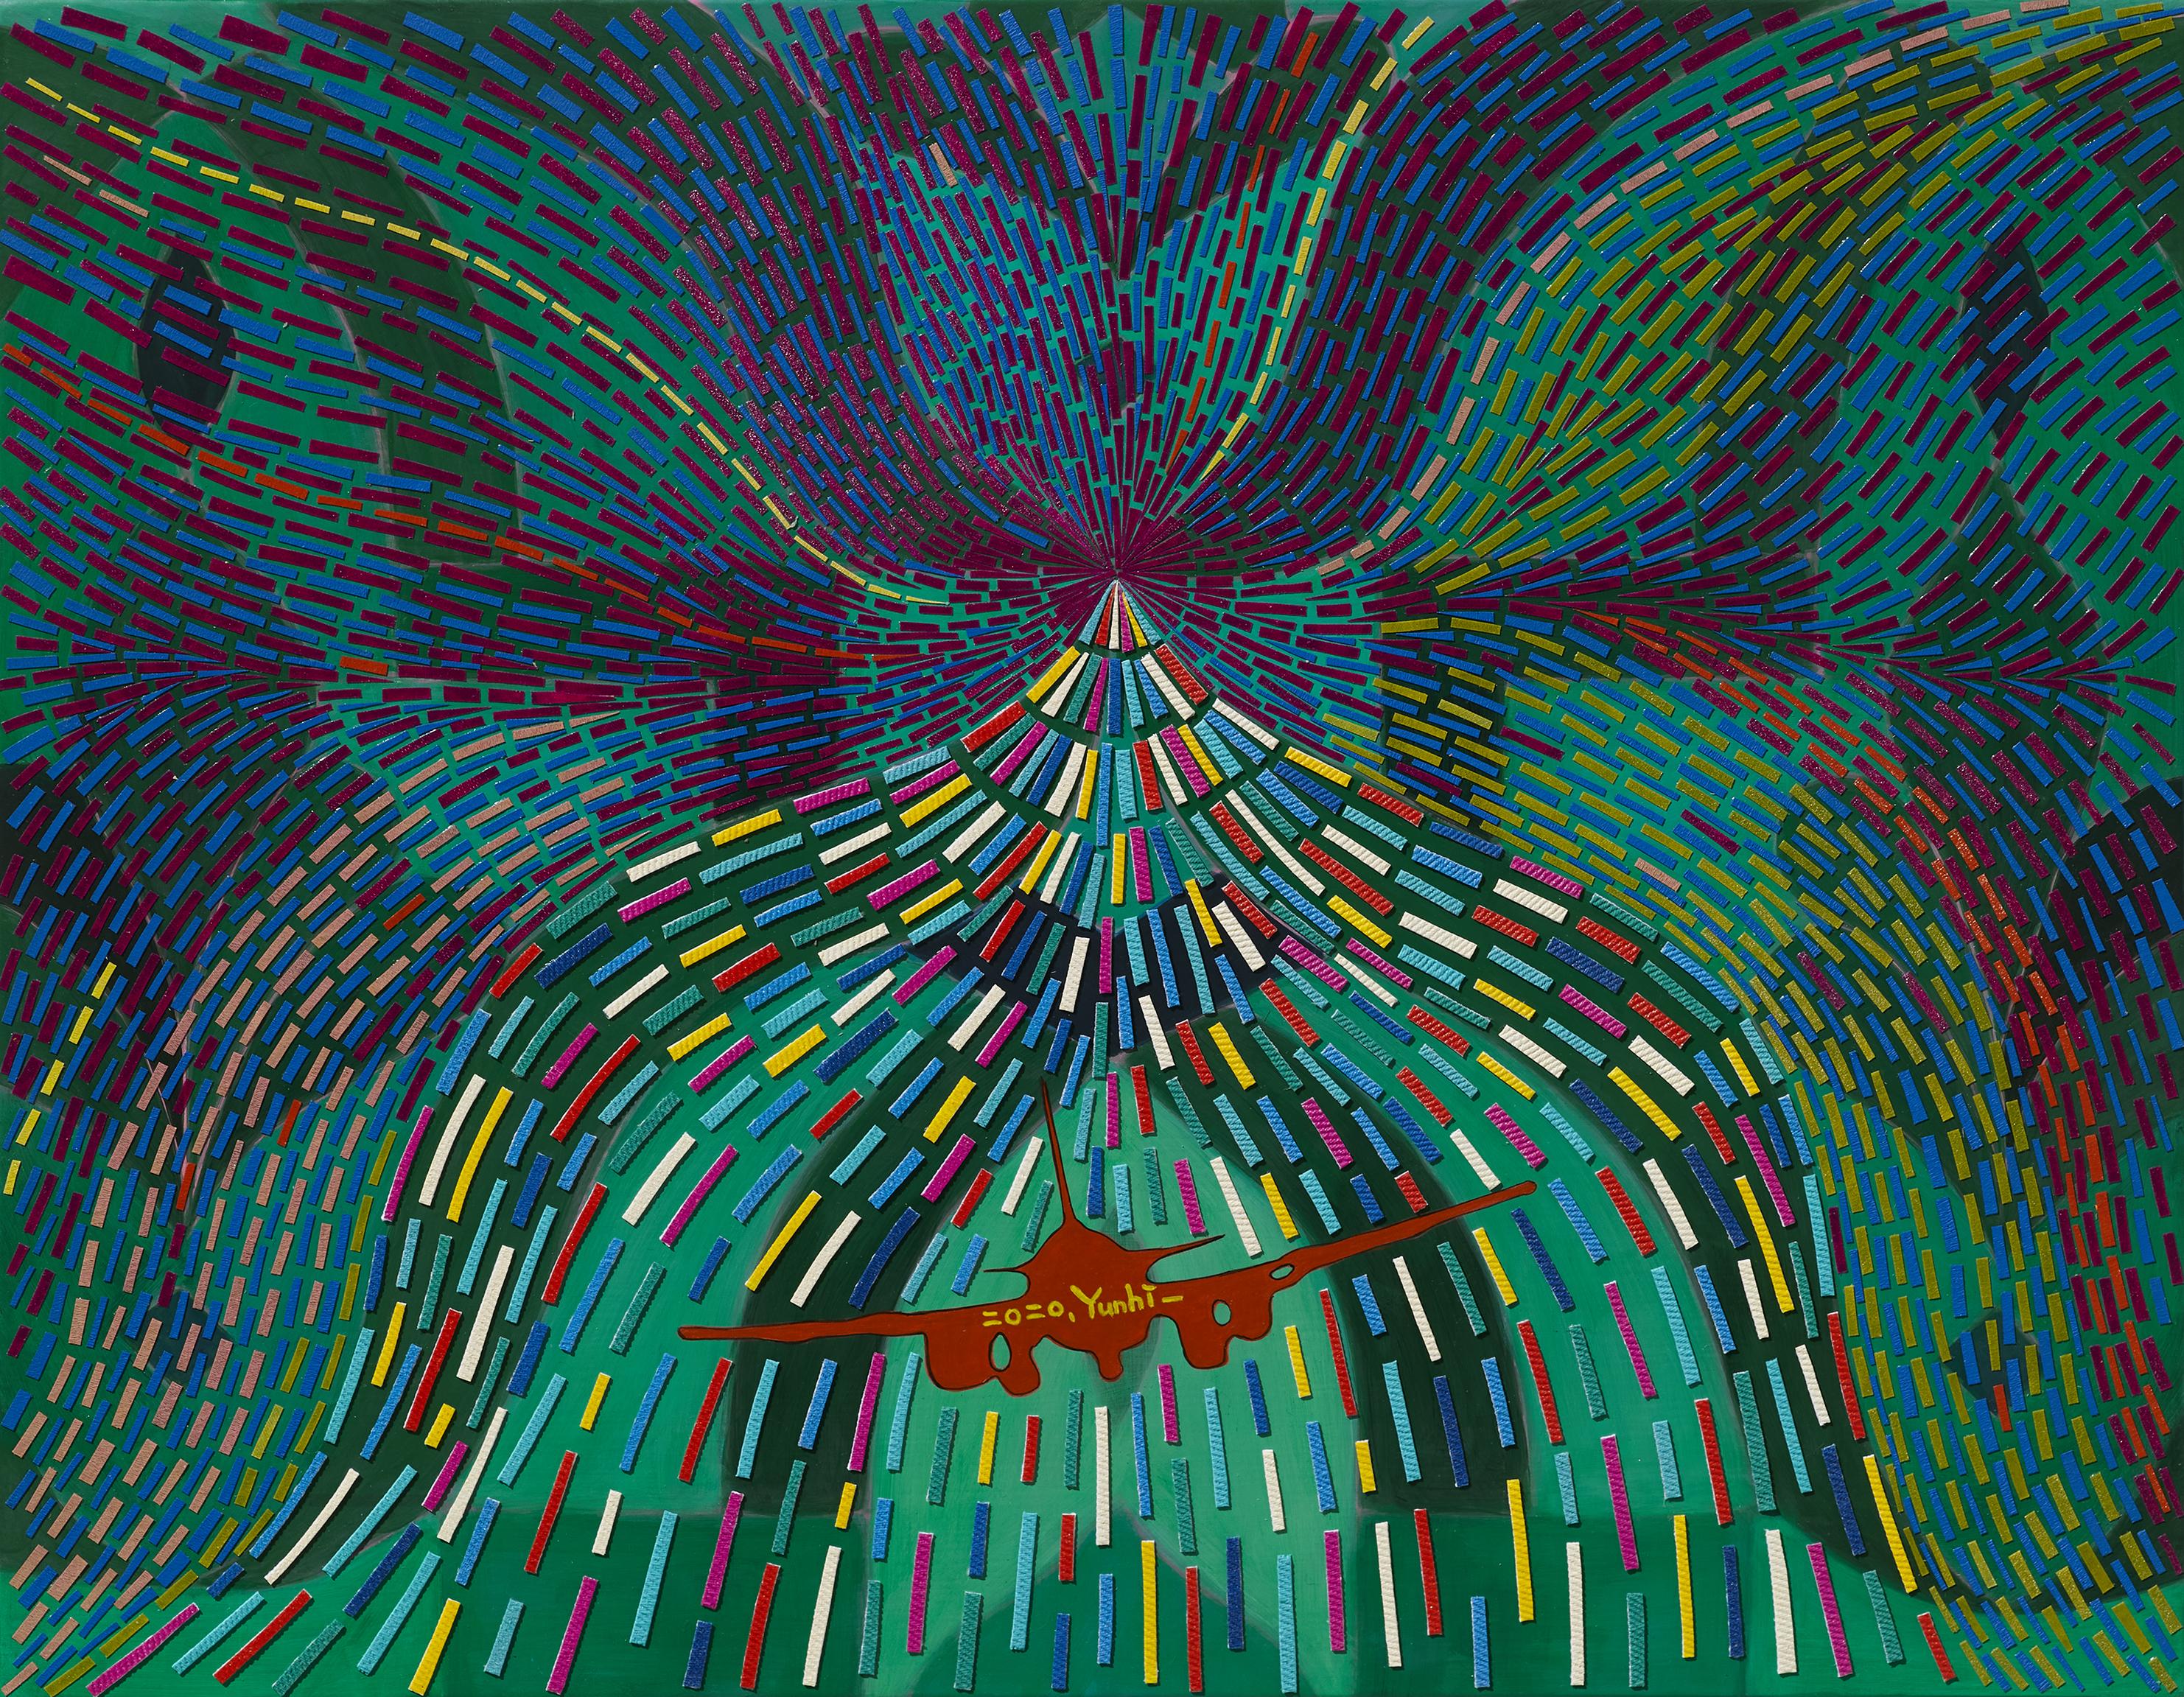 019, 최윤희, Mind map 20-24, 41 x 32 cm, 캔버